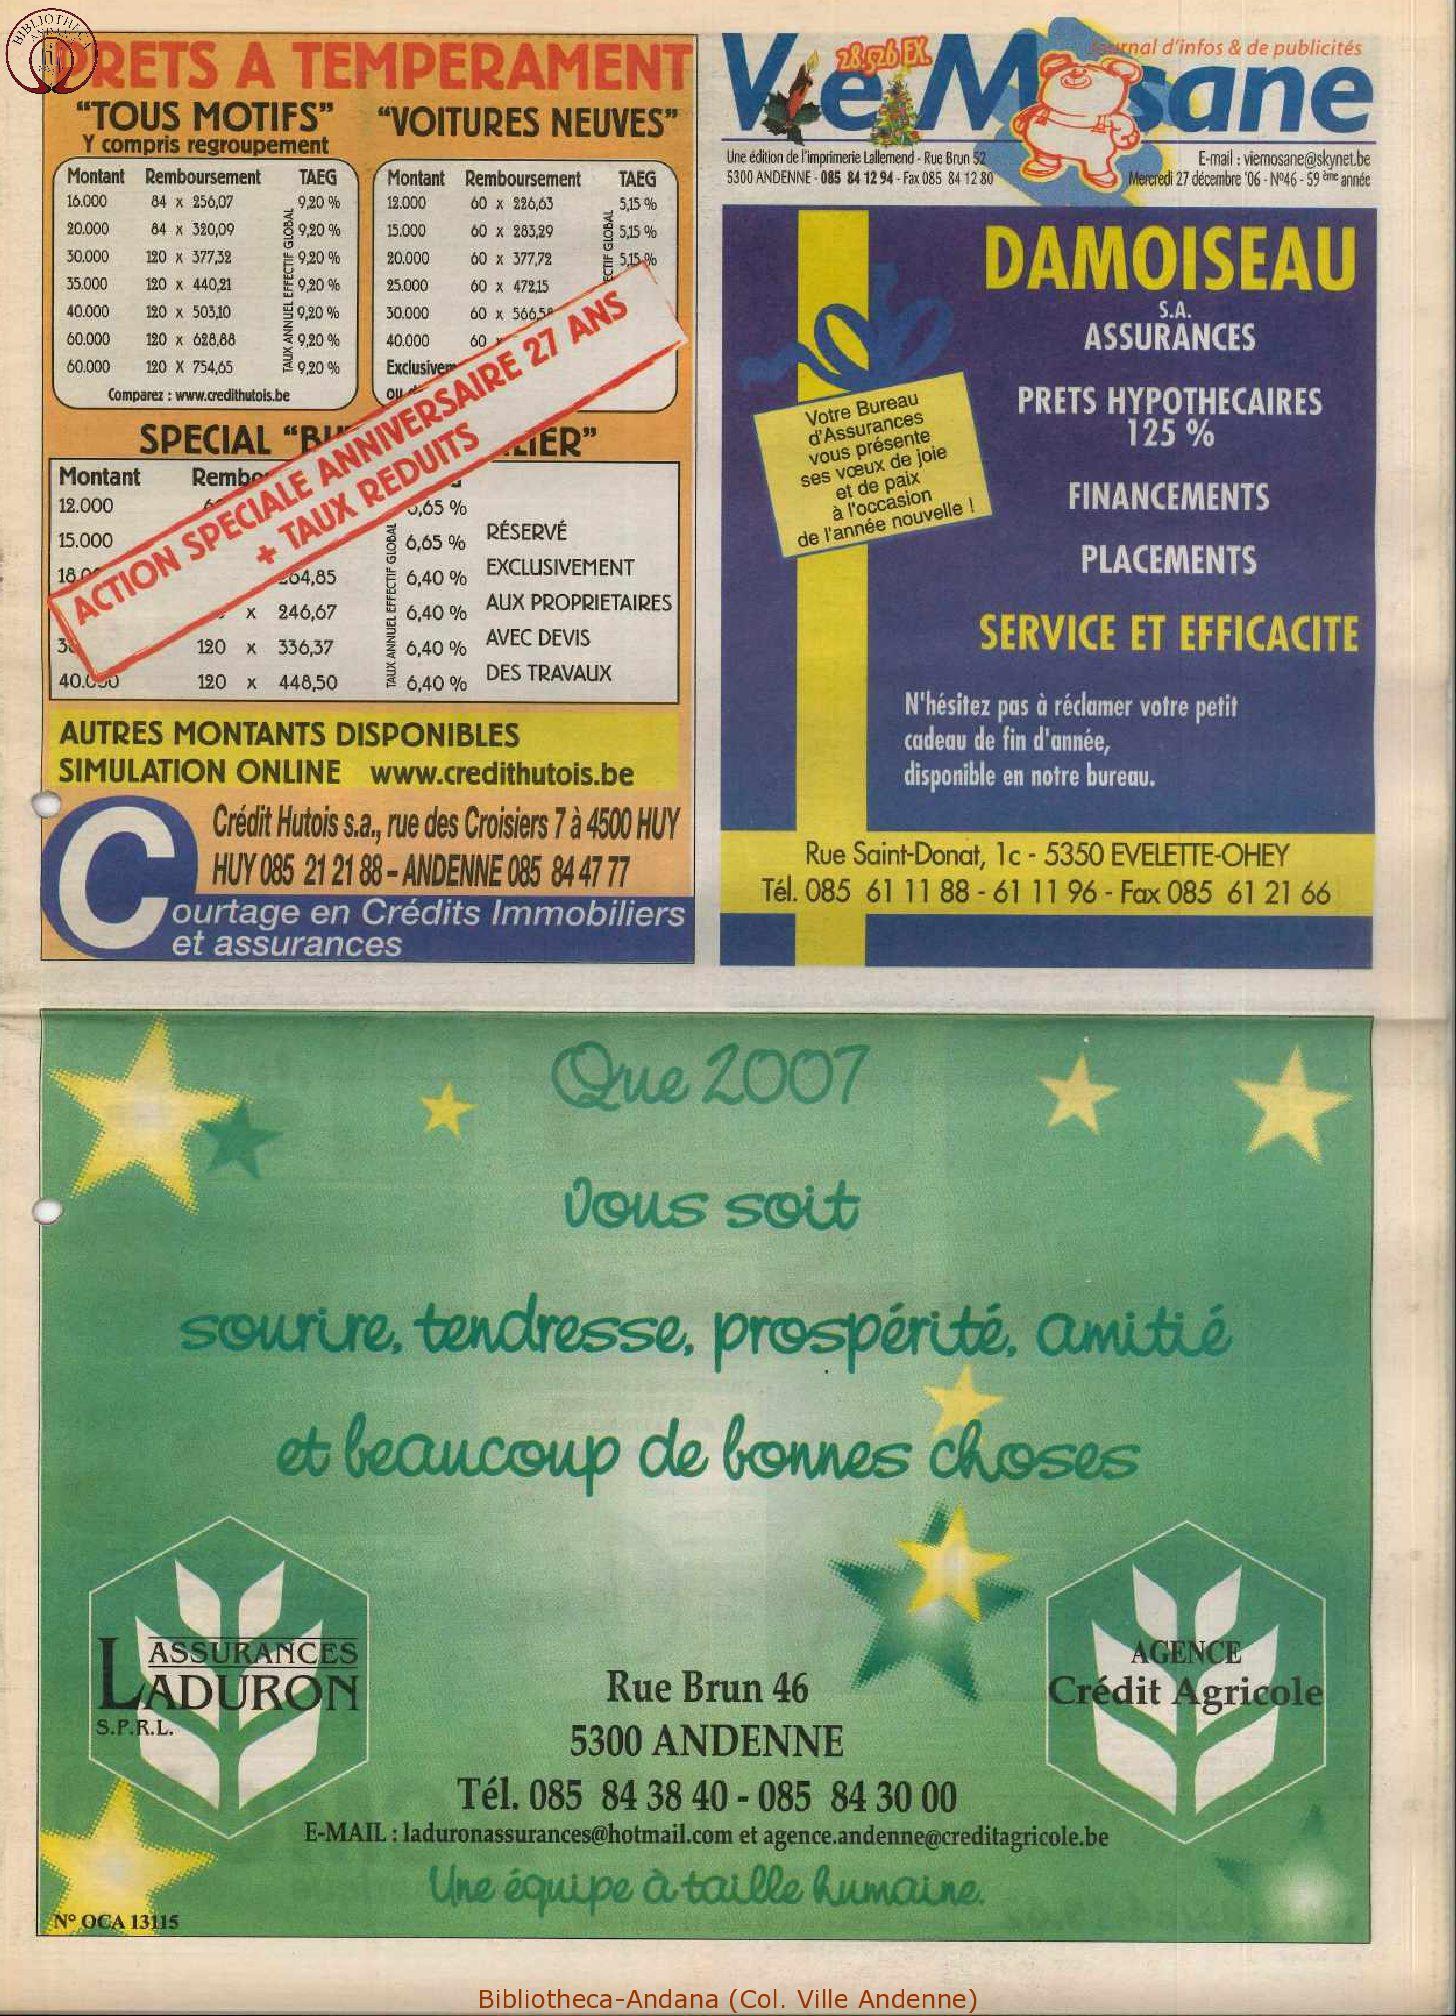 59e année - n°46 - 27 décembre 2006